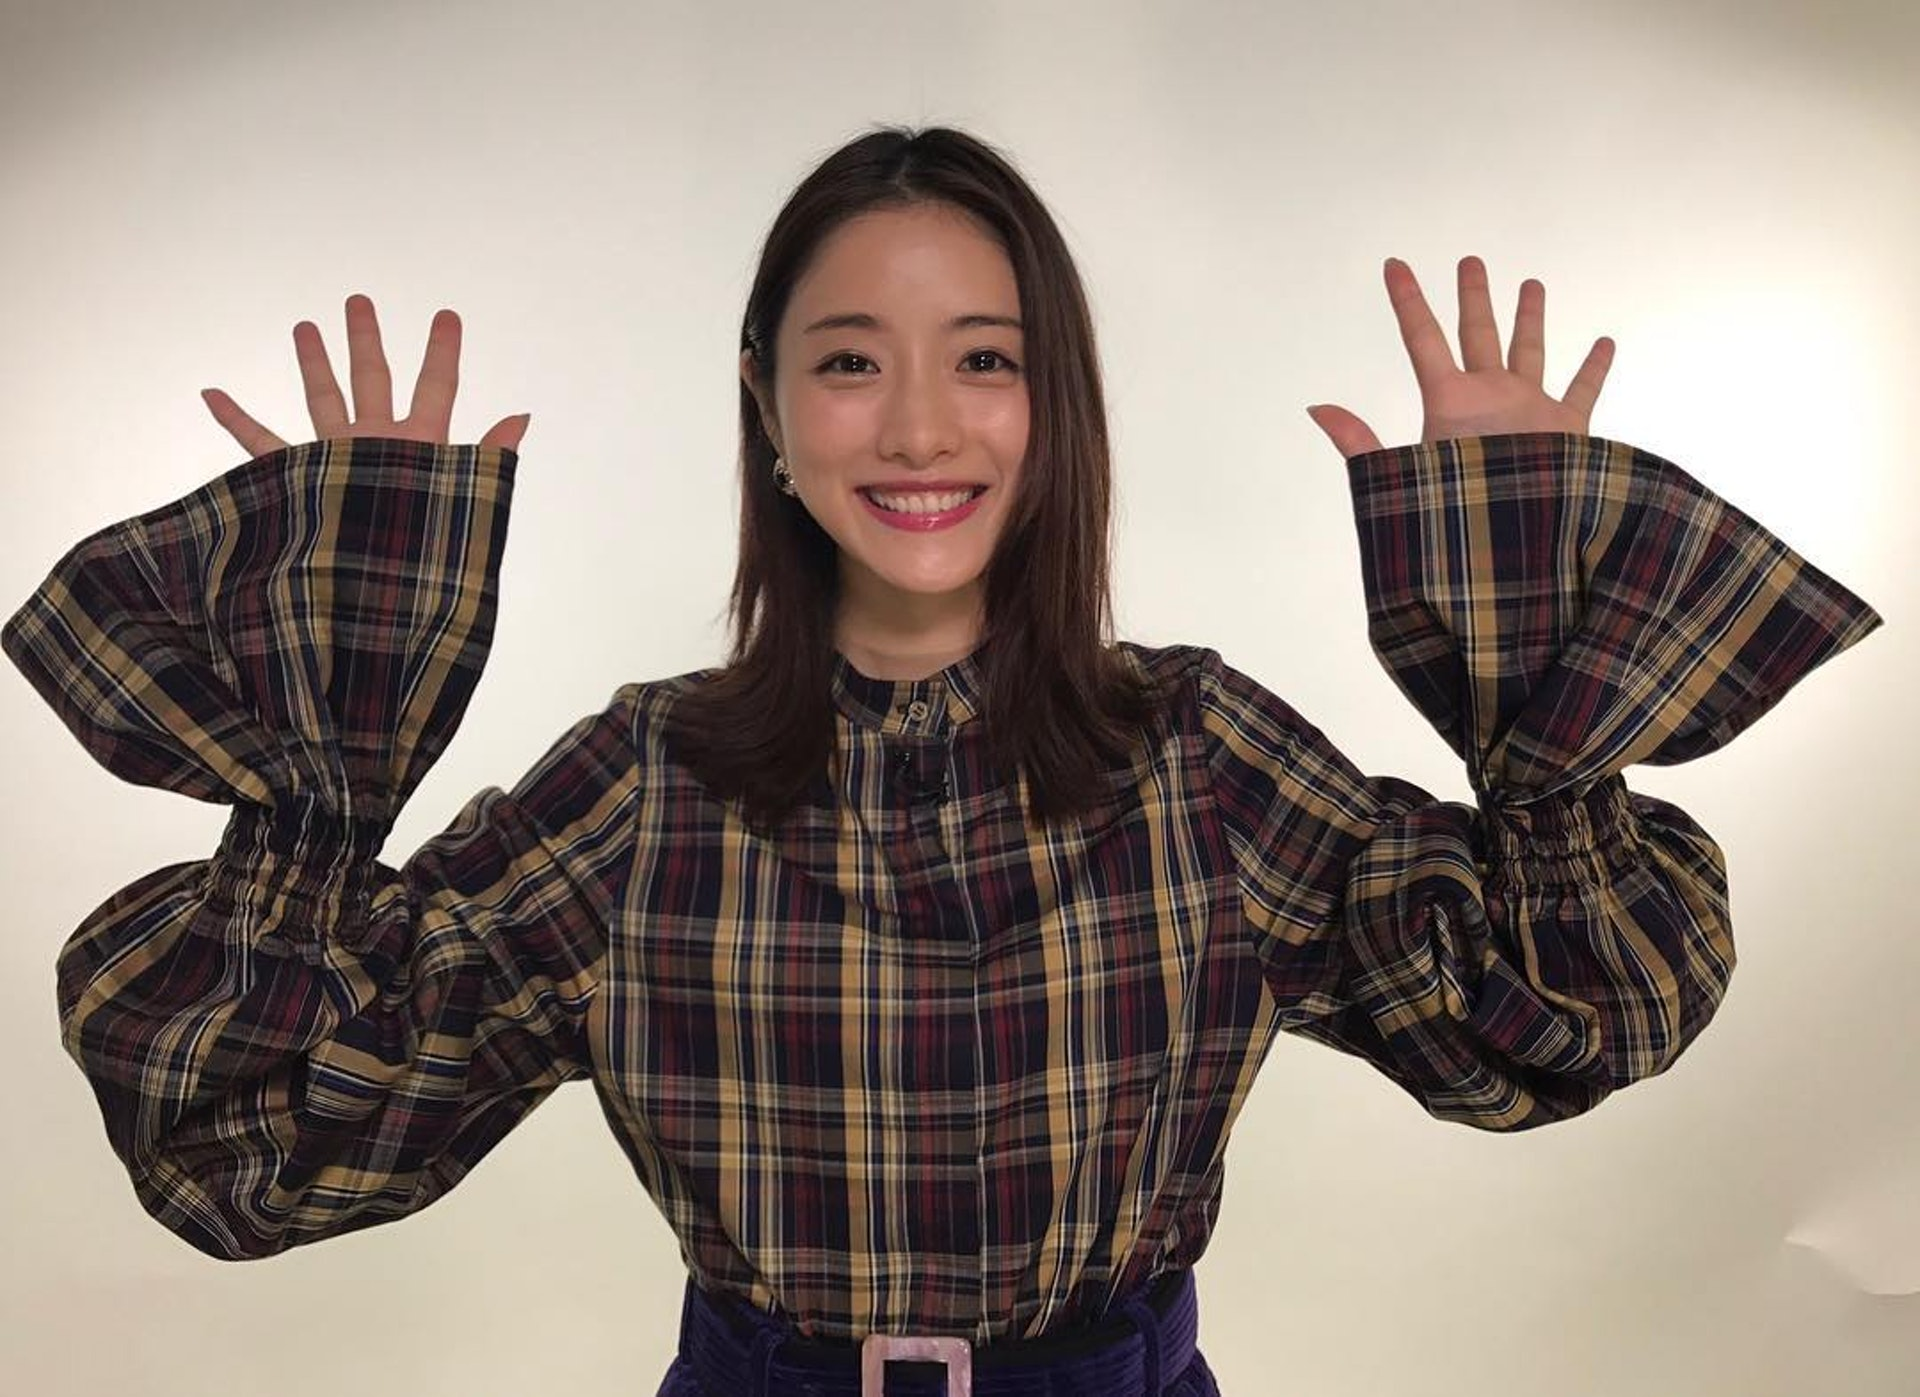 石原里美除了拍劇外,也會參與日本的綜藝節目 (ig@satomisquad)